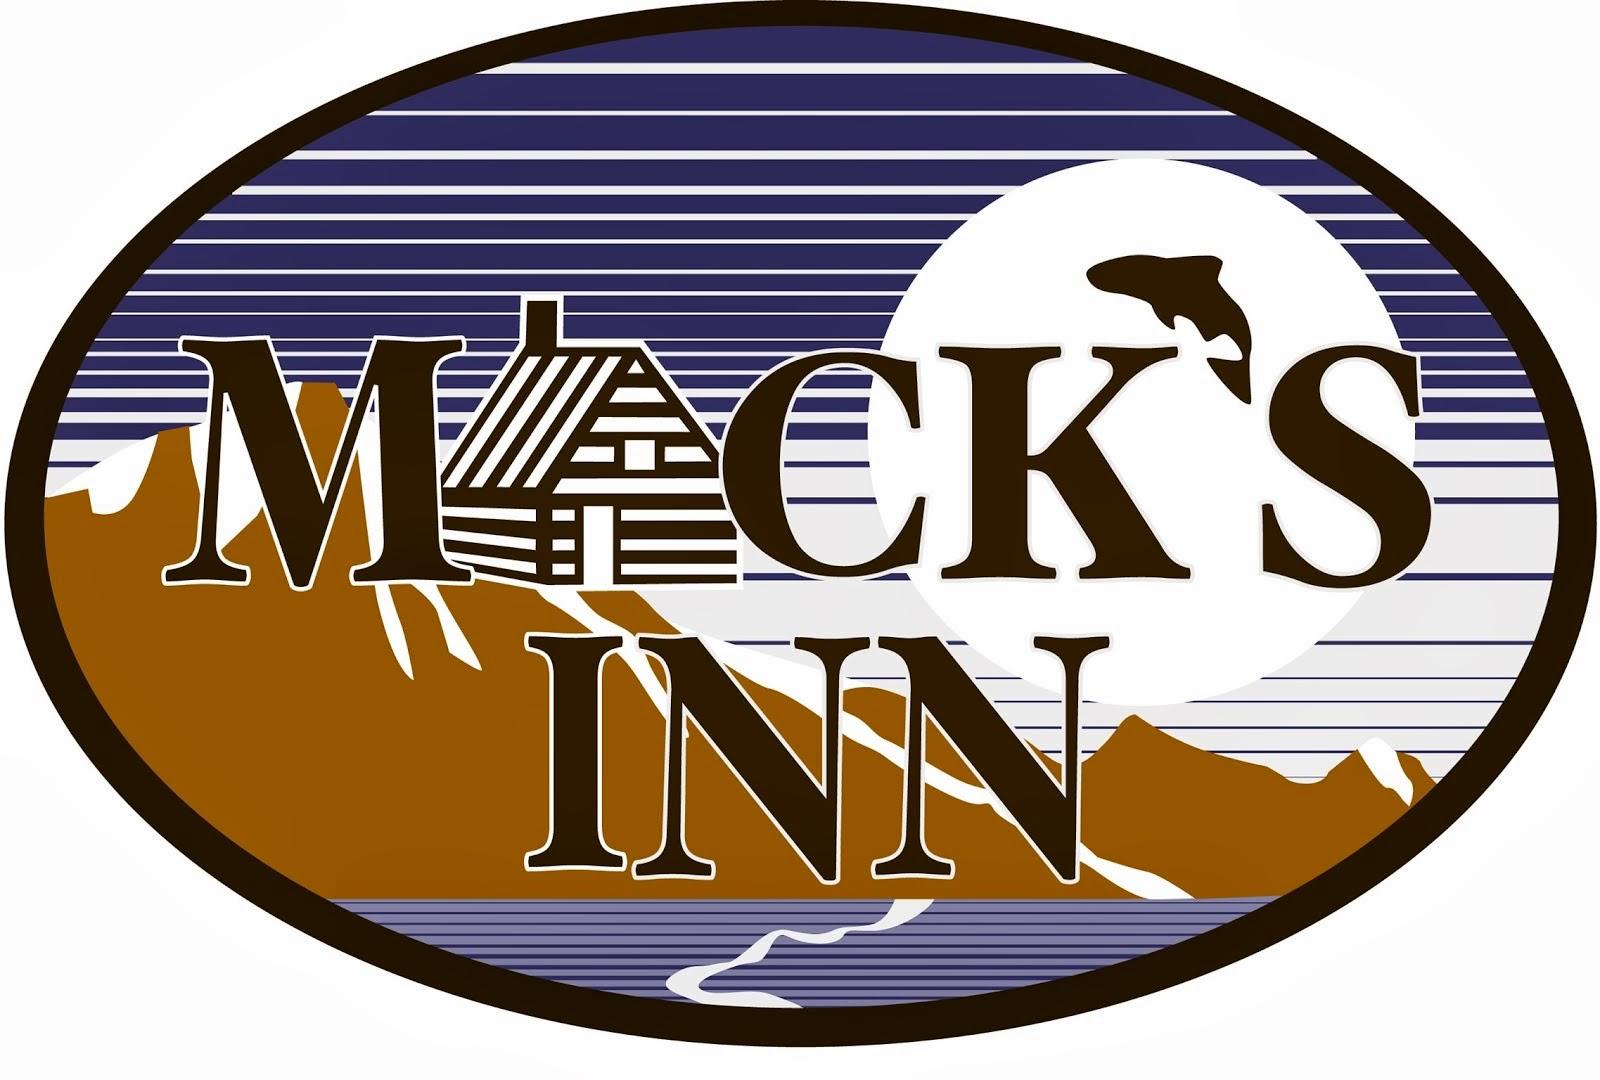 Mack's Inn